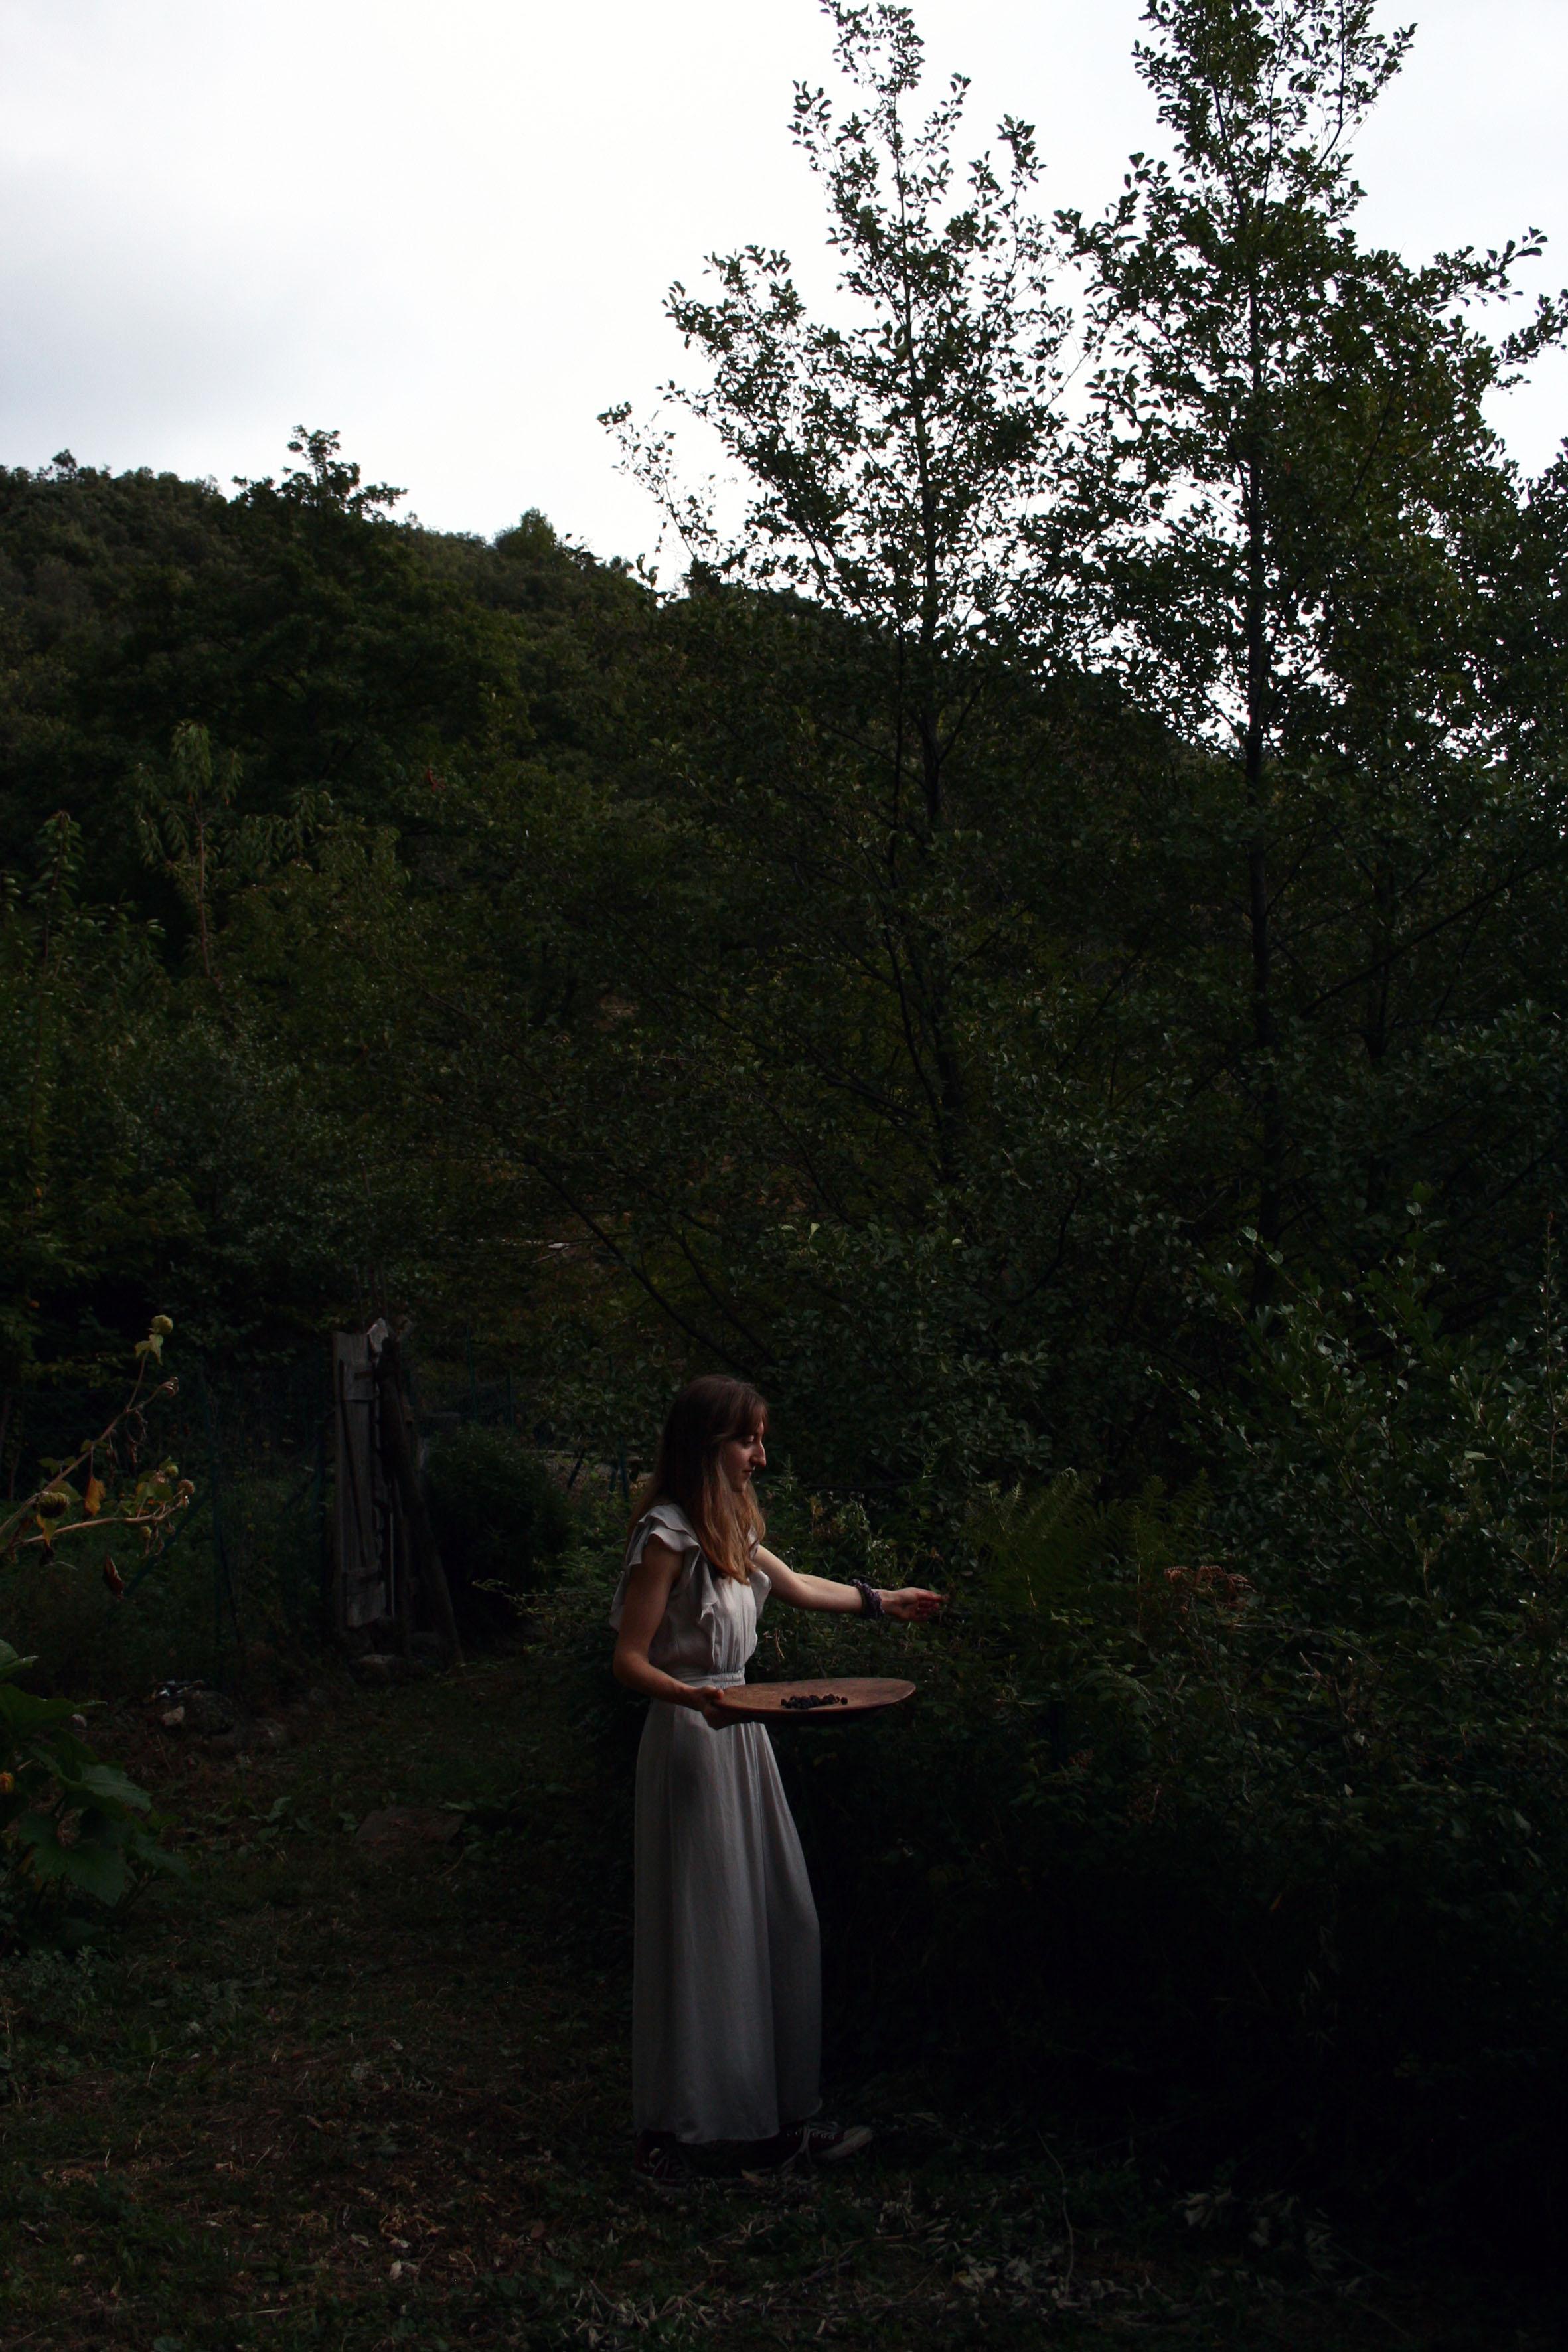 Retraite de Femmes Moonrise - Féminin sacré et Naturopathie